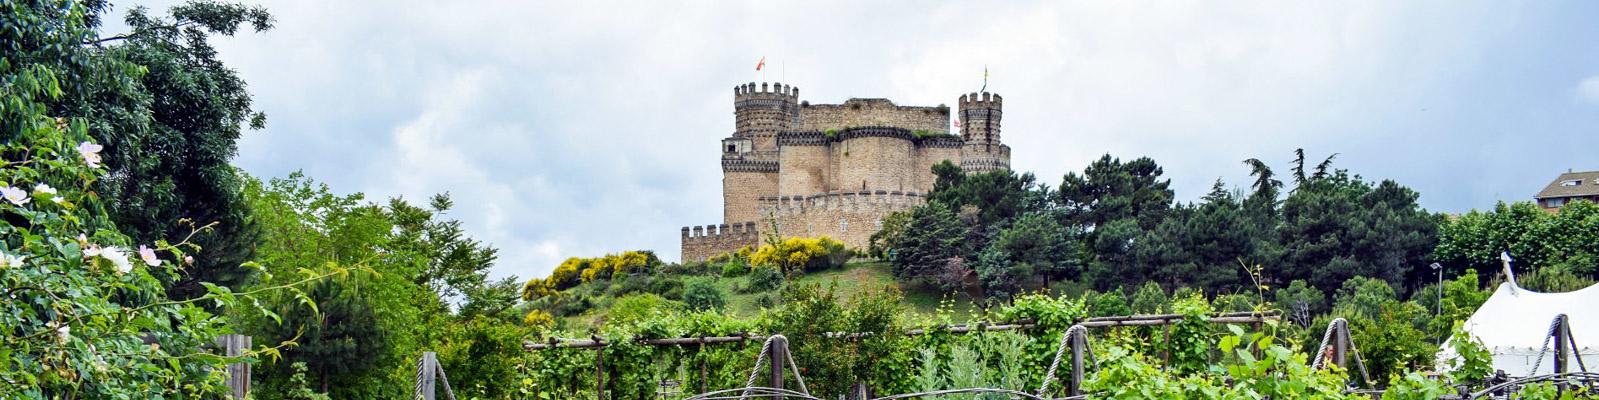 Burg von Manzanares el Real vom Garten aus